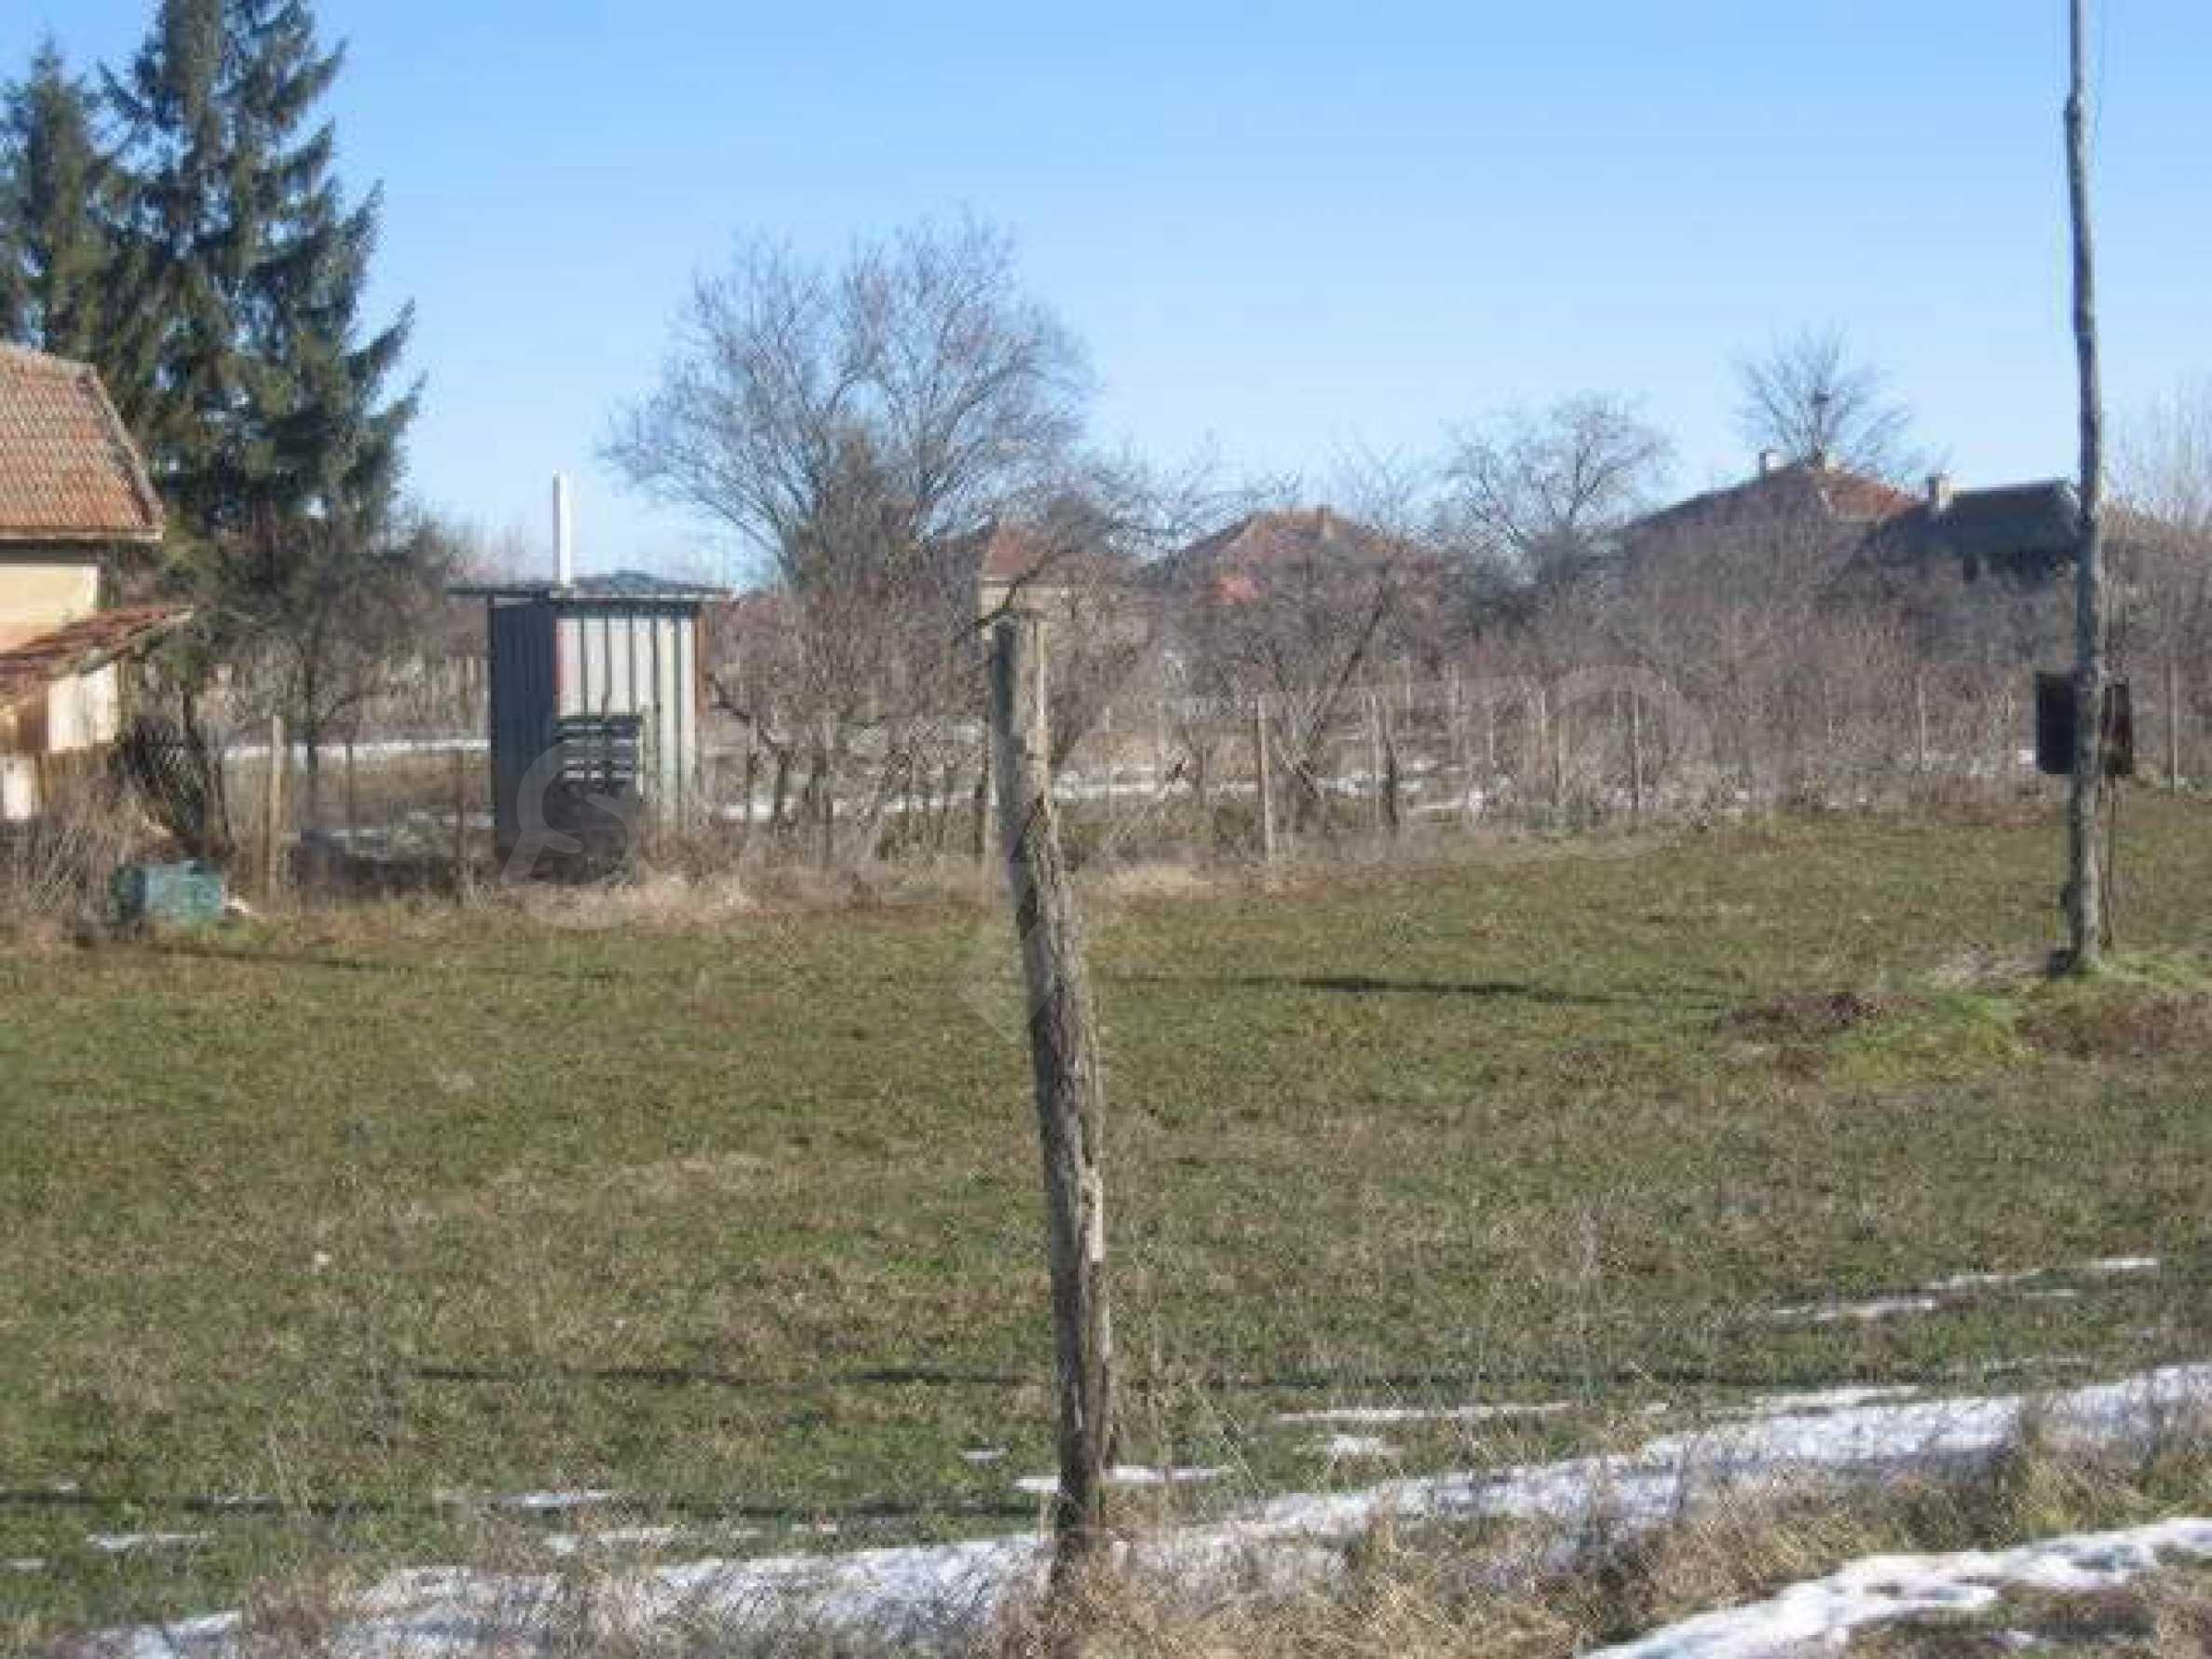 Участок под строительство возле Дунай мост 2, г. Видин 10